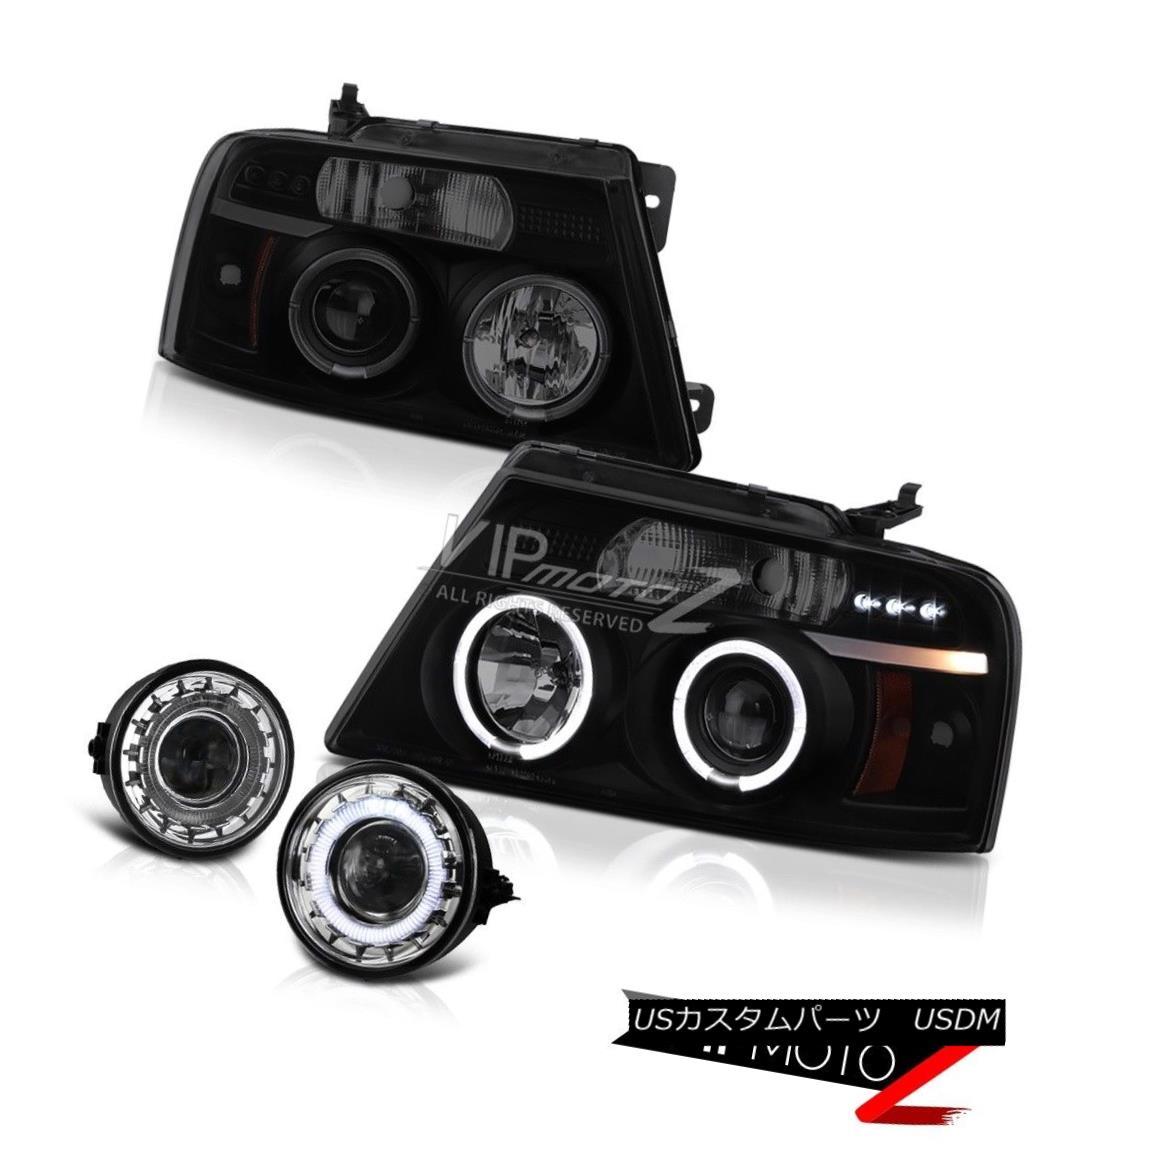 ヘッドライト 2004-2008 Ford F150 Halo SINSTER BLACK Angel Eye Headlight Chrome Clear Foglight 2004-2008 Ford F150 Halo SINISTER BLACKエンジェルアイヘッドライトクロームクリアフォグライト